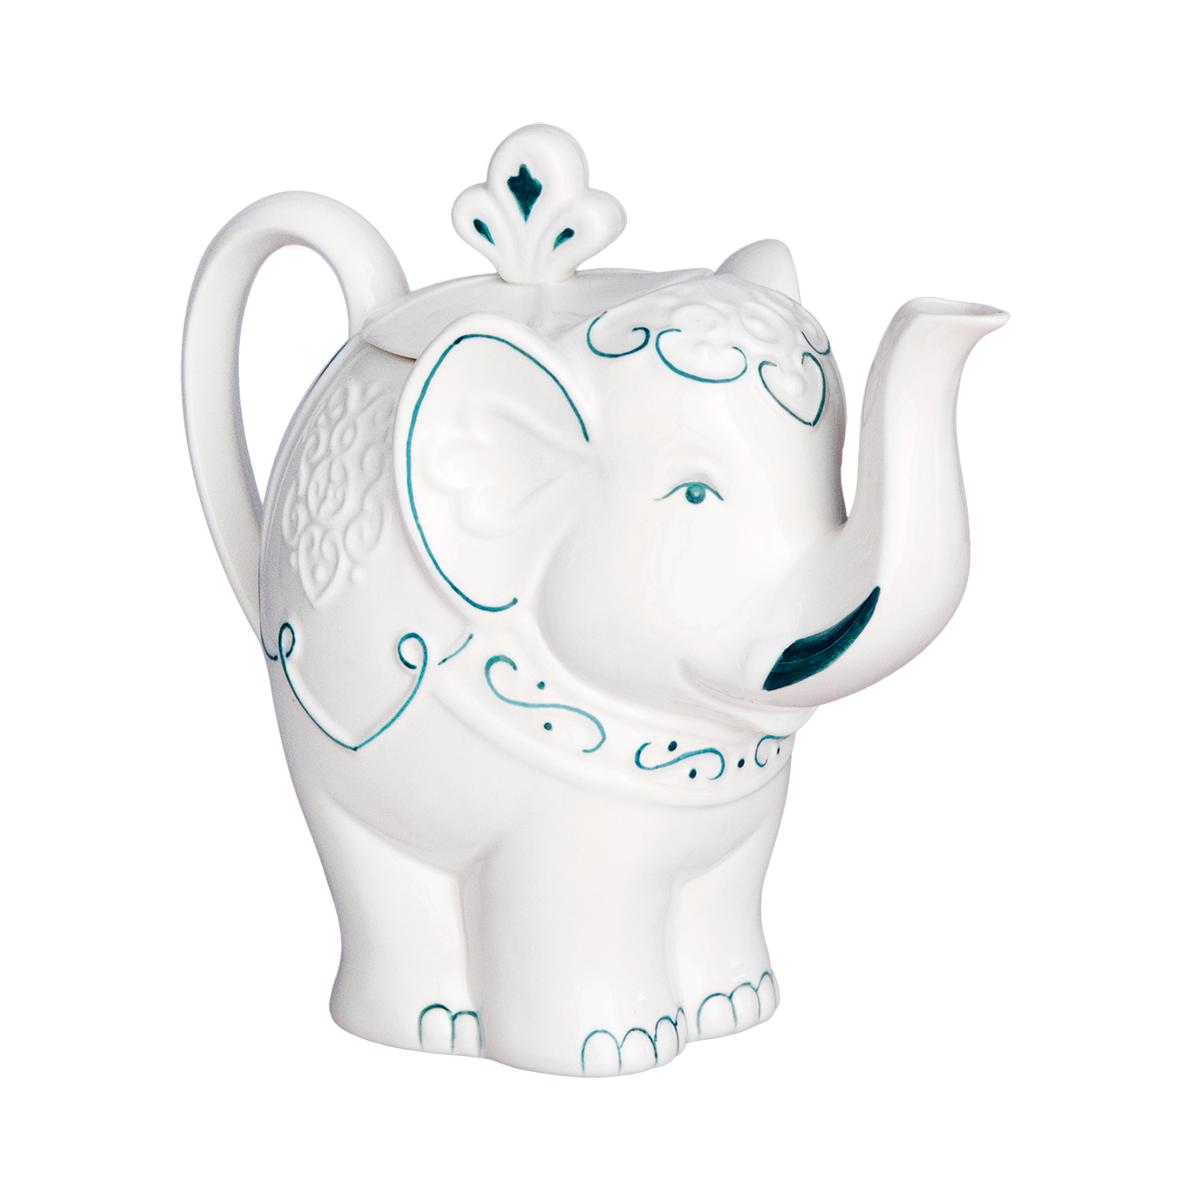 Чай черный Hilltop Слон топаз 80 г чай hilltop коллекция 50г черный слон керамика